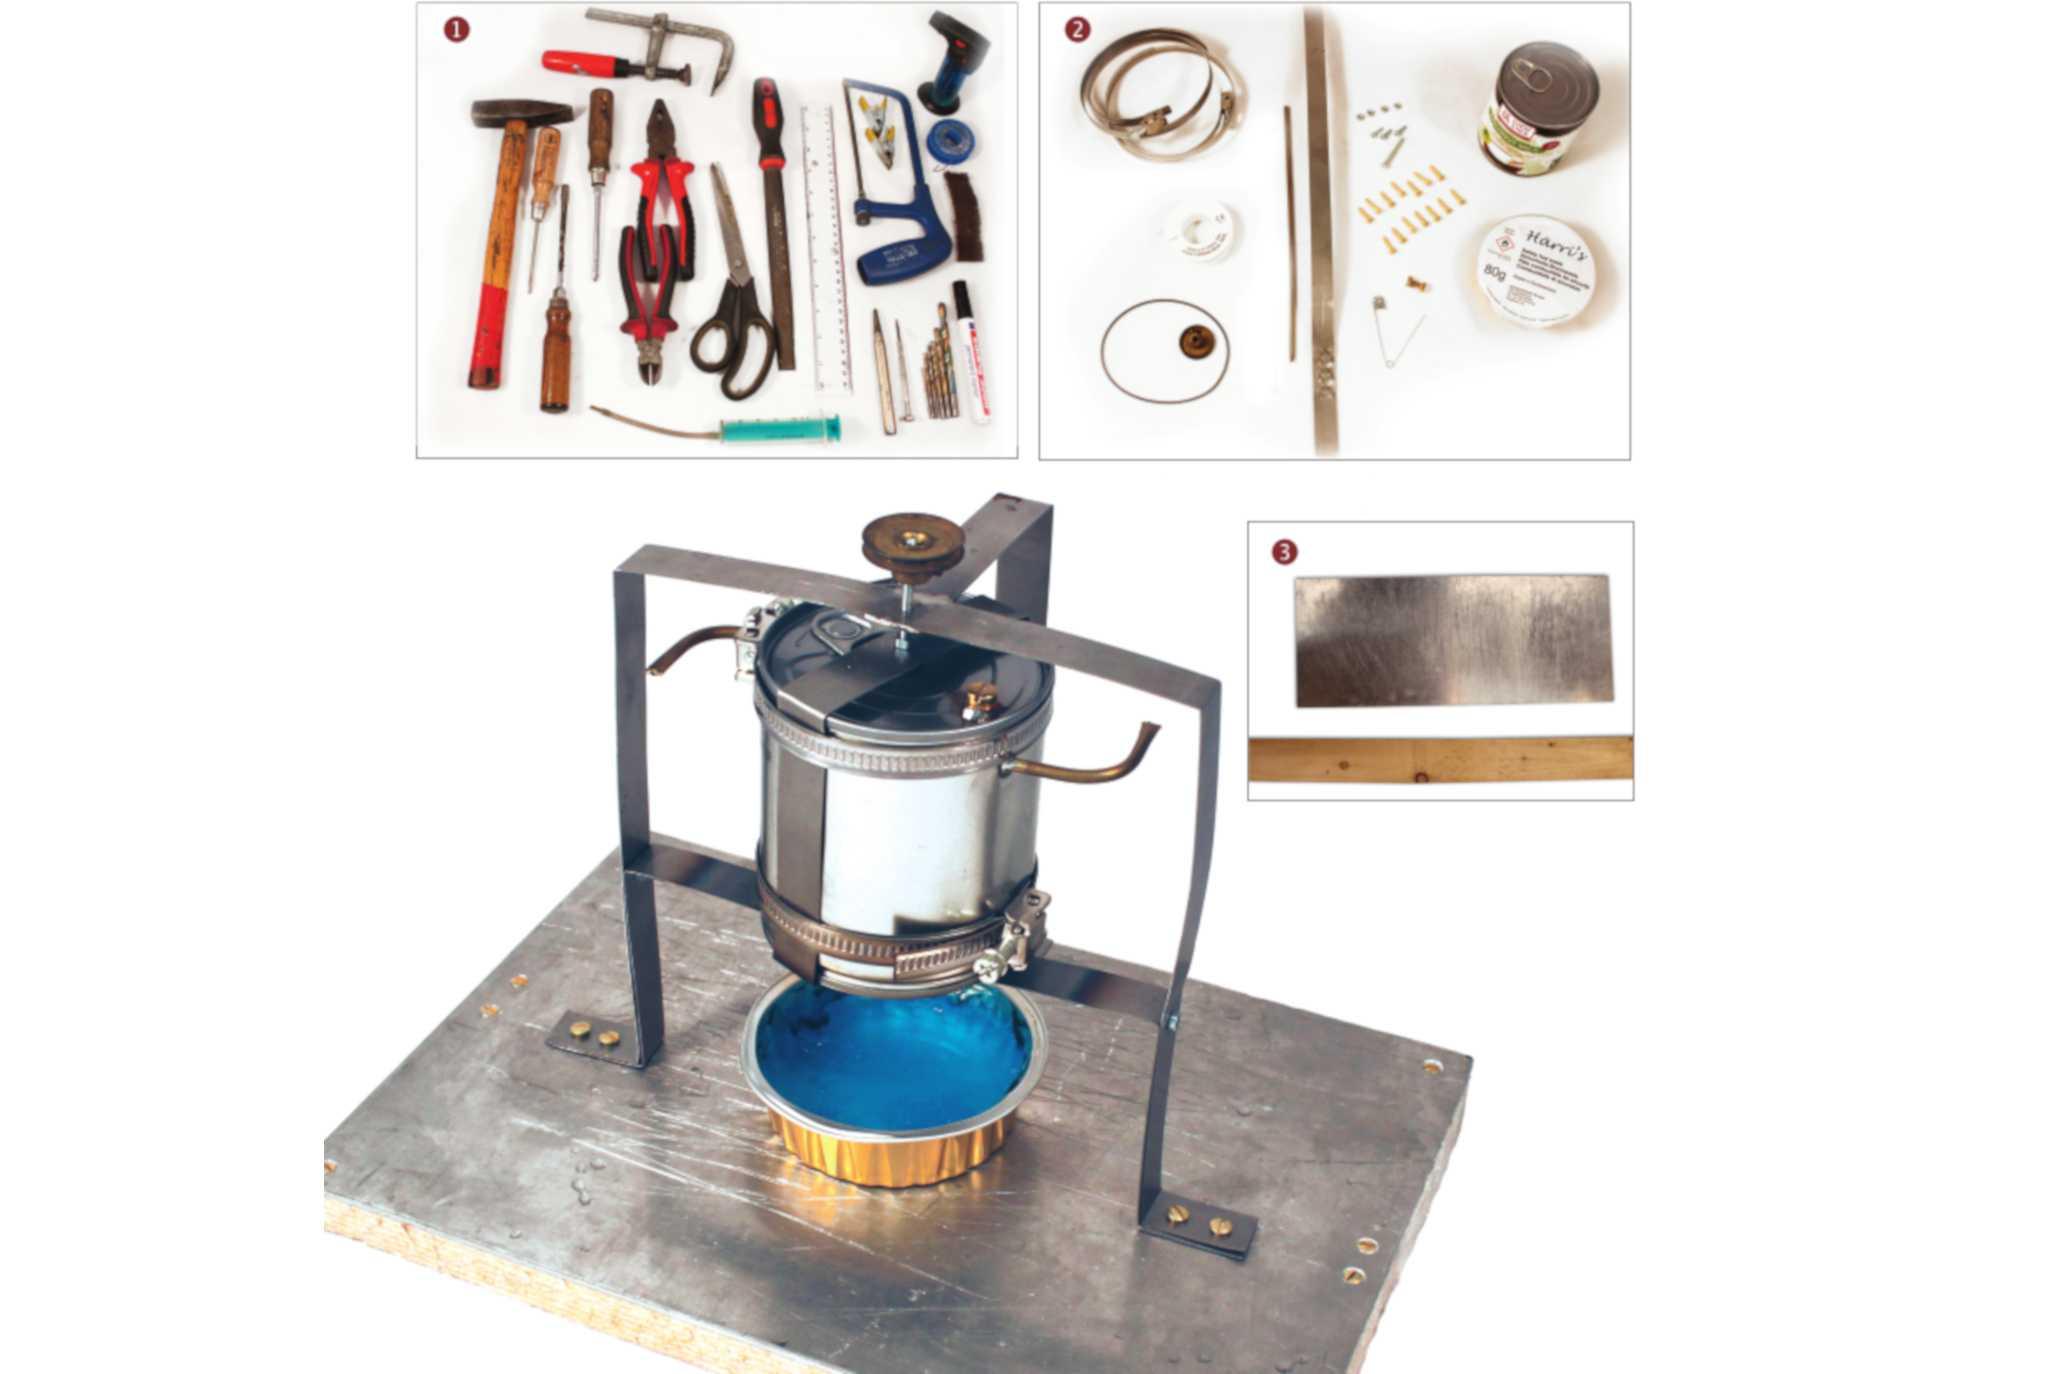 Erfindung des Fortschritts: Die Dampfmaschine von James Watt wird 250